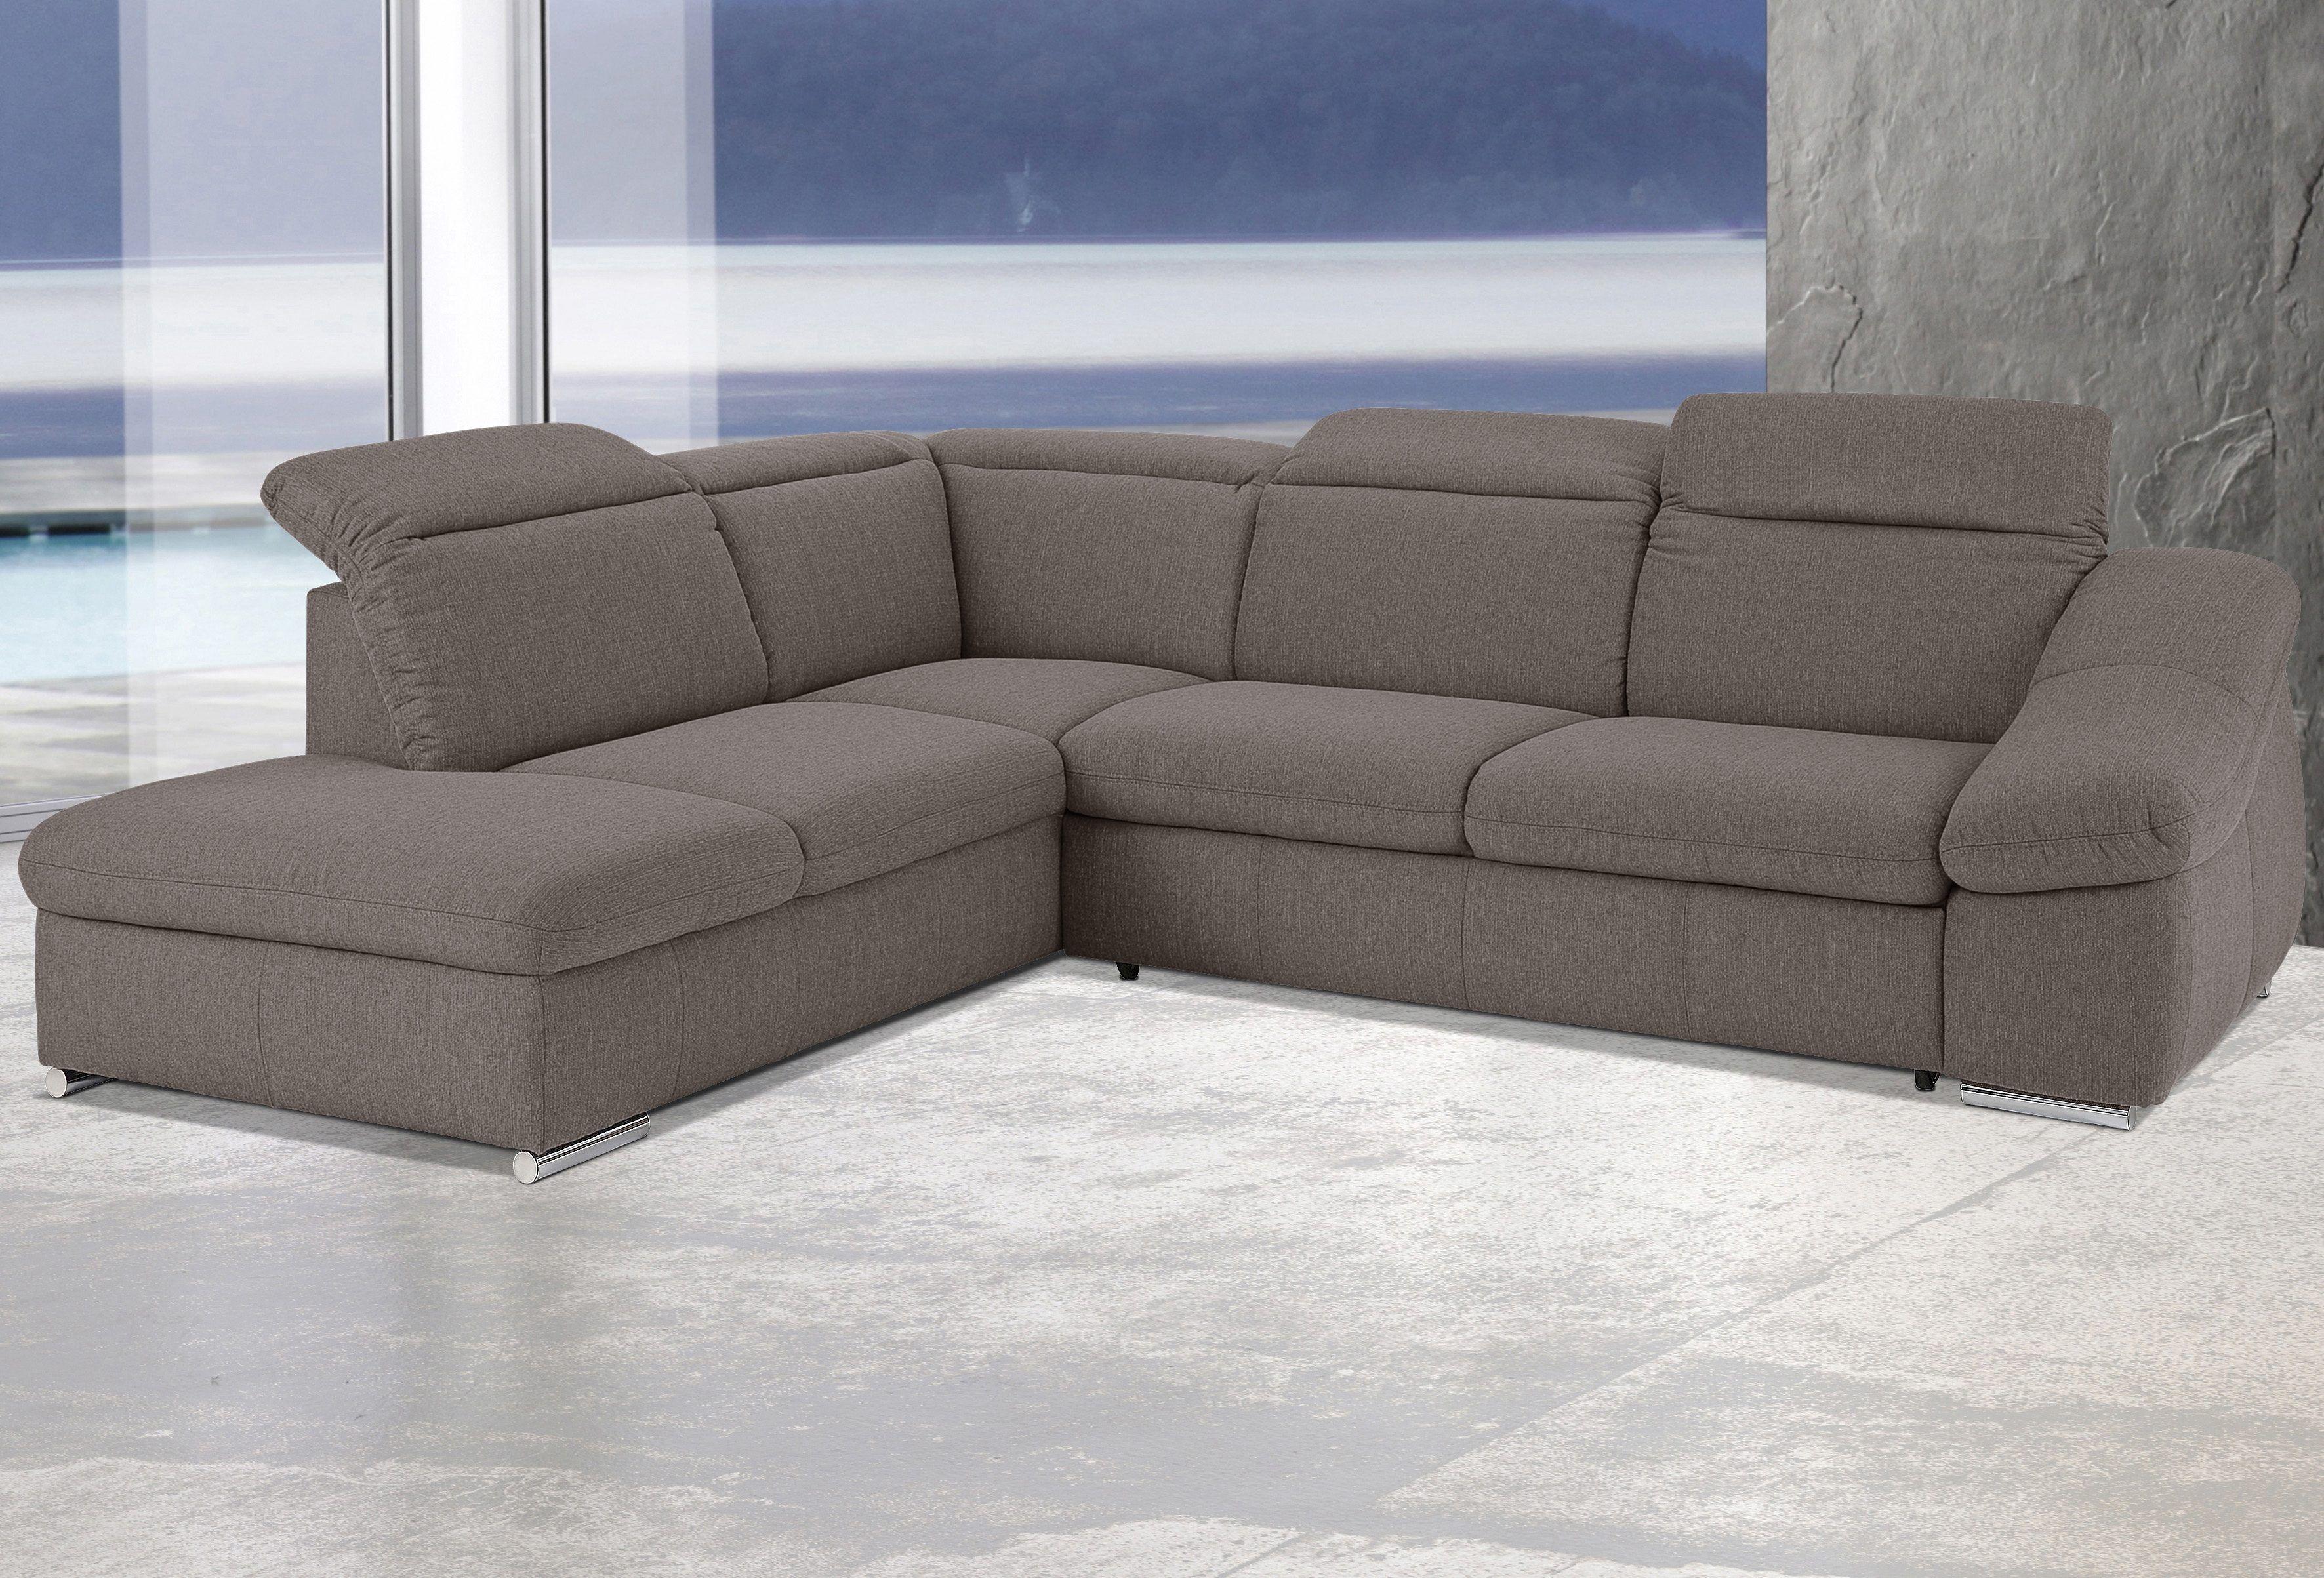 Inspiring Ecksofa Bettfunktion Best Choice Of Sit&more Braun, Ottomane Links, Mit Bettfunktion, Fsc®-zertifiziert